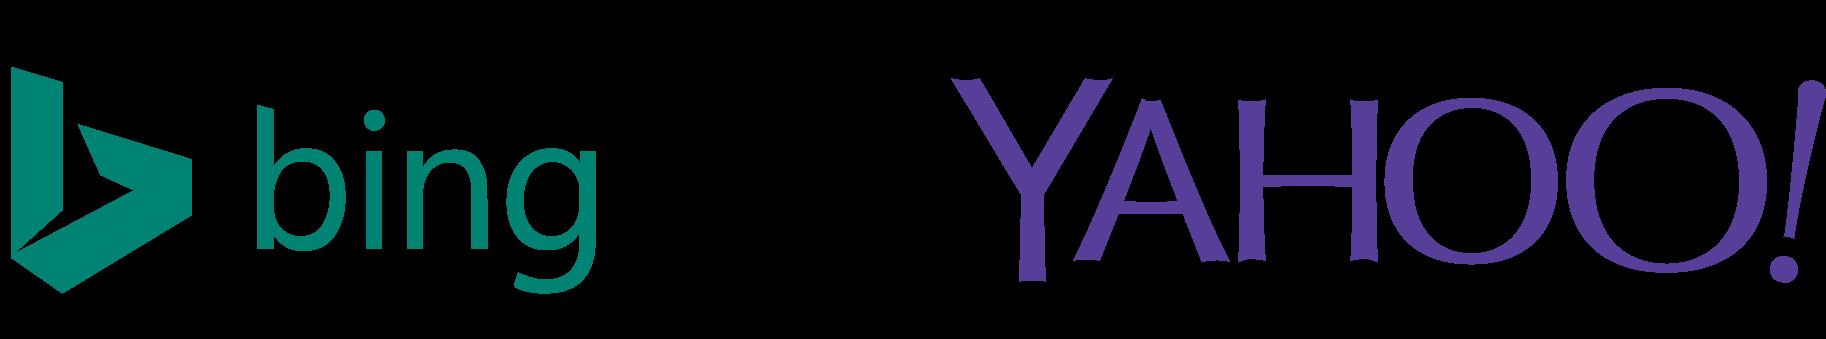 Bing, Yahoo